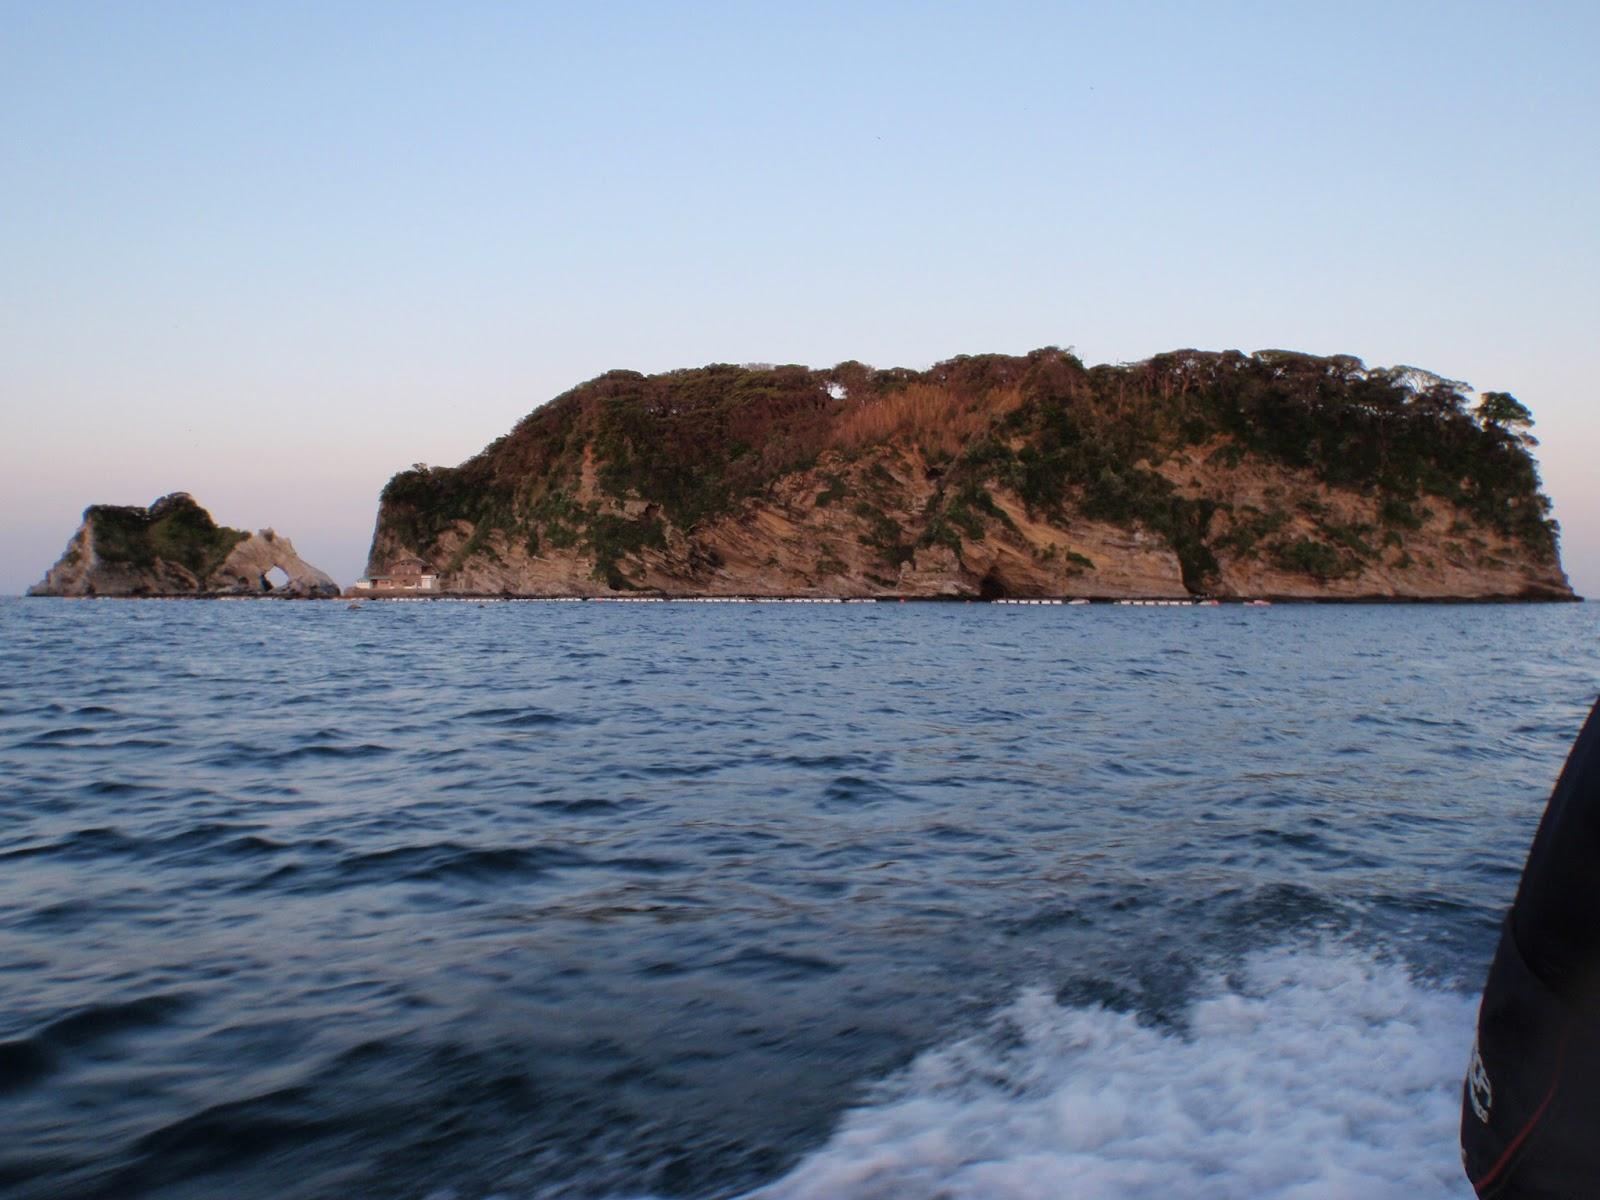 運良く浮島沖向きの 本島船着きポイントに 渡る事が出来ました。このポイ...  千葉県 内房勝山